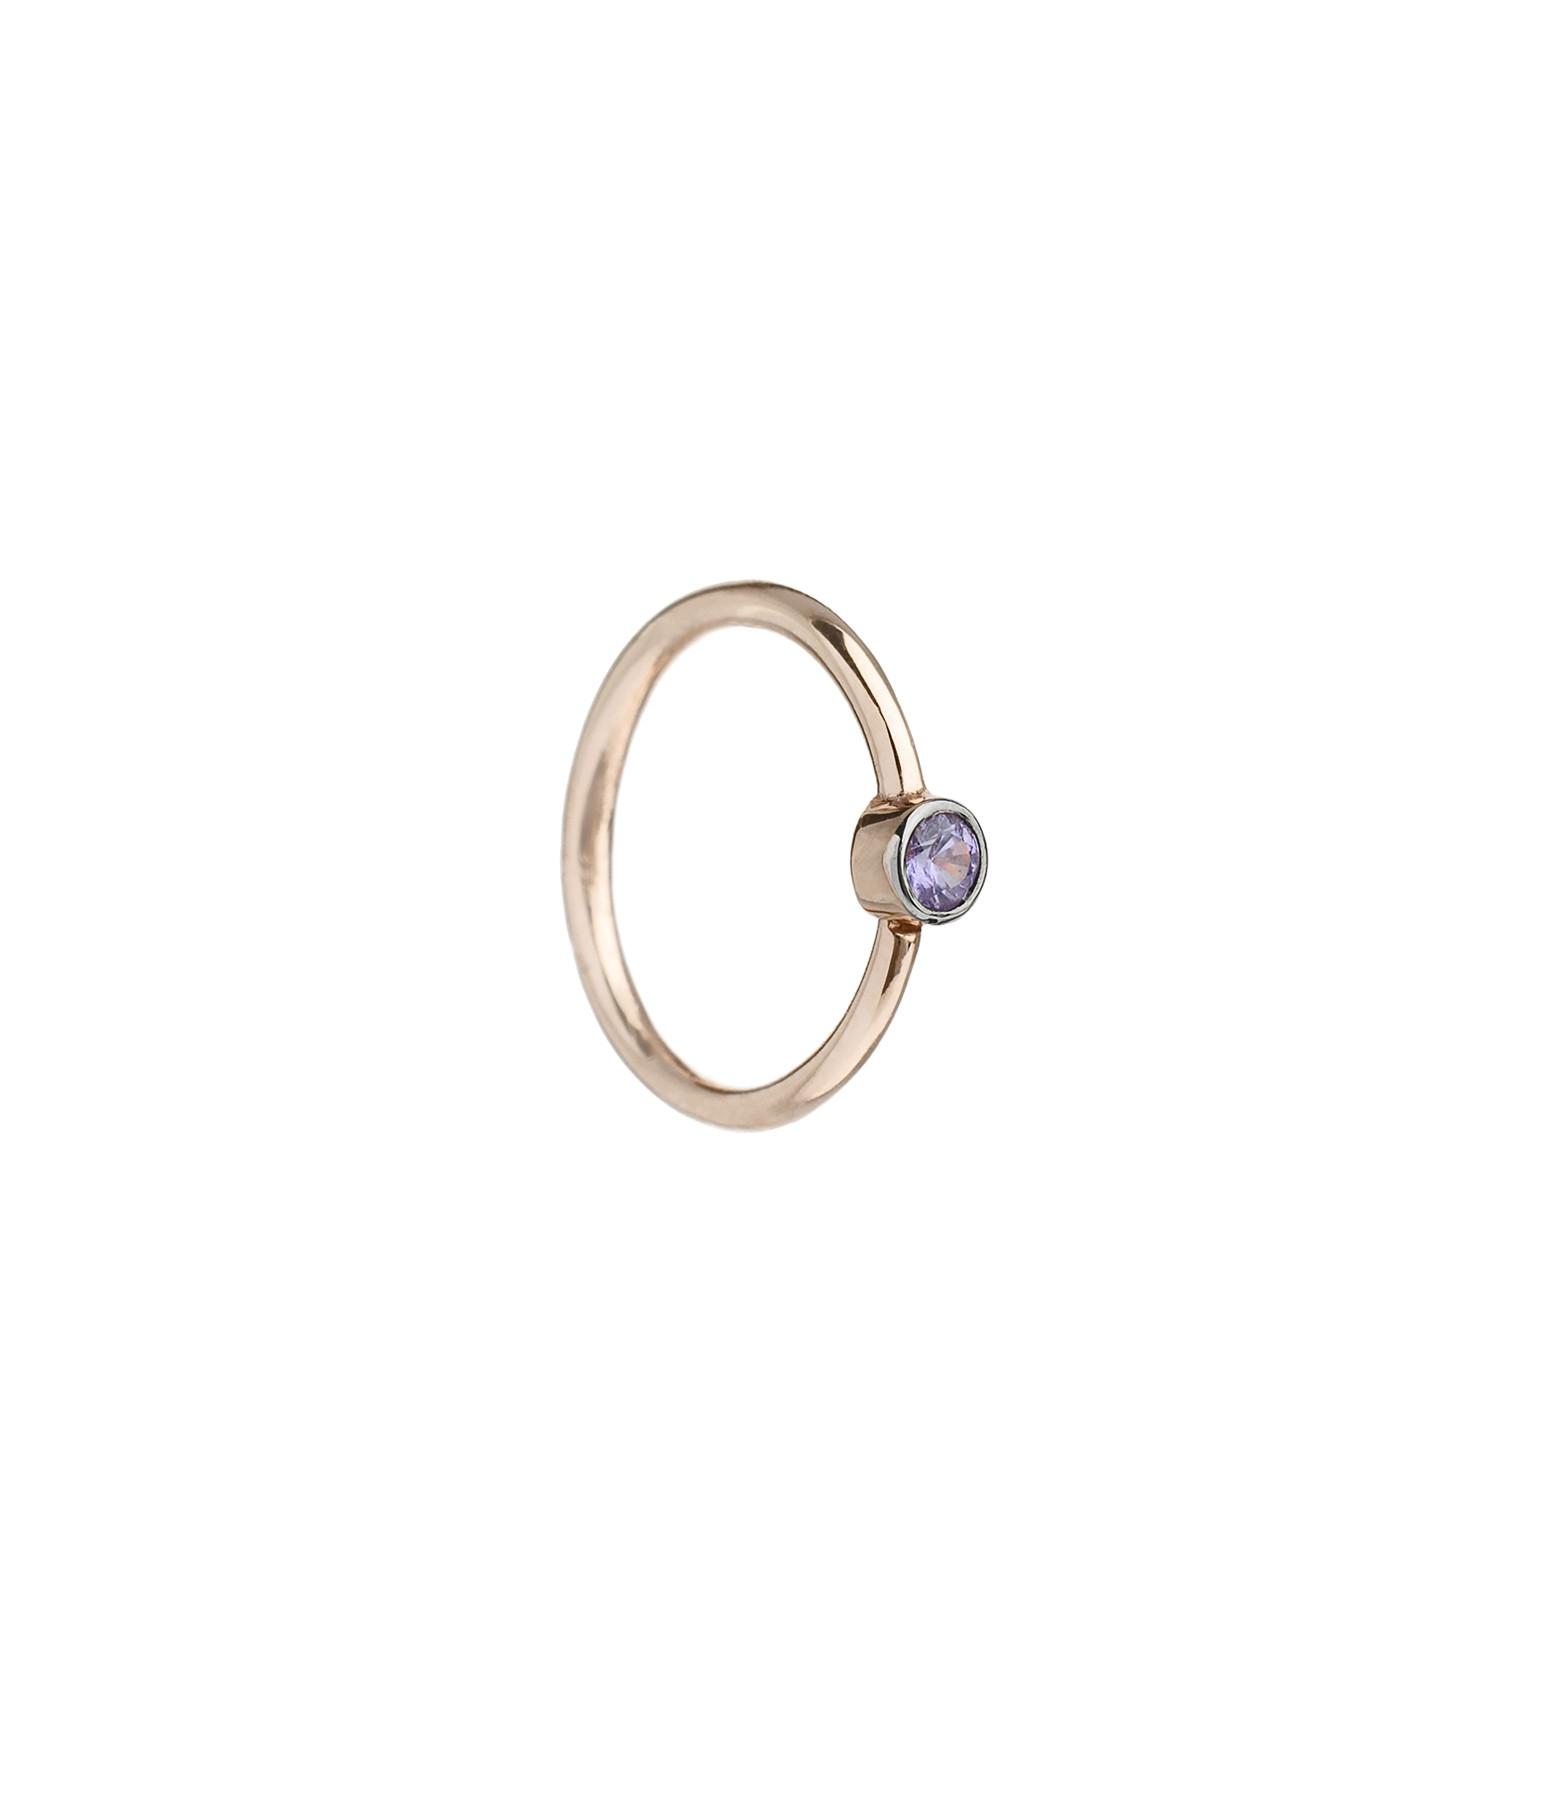 YANNIS SERGAKIS - Petite Créole Or Saphirs Violets (vendue à l'unité)